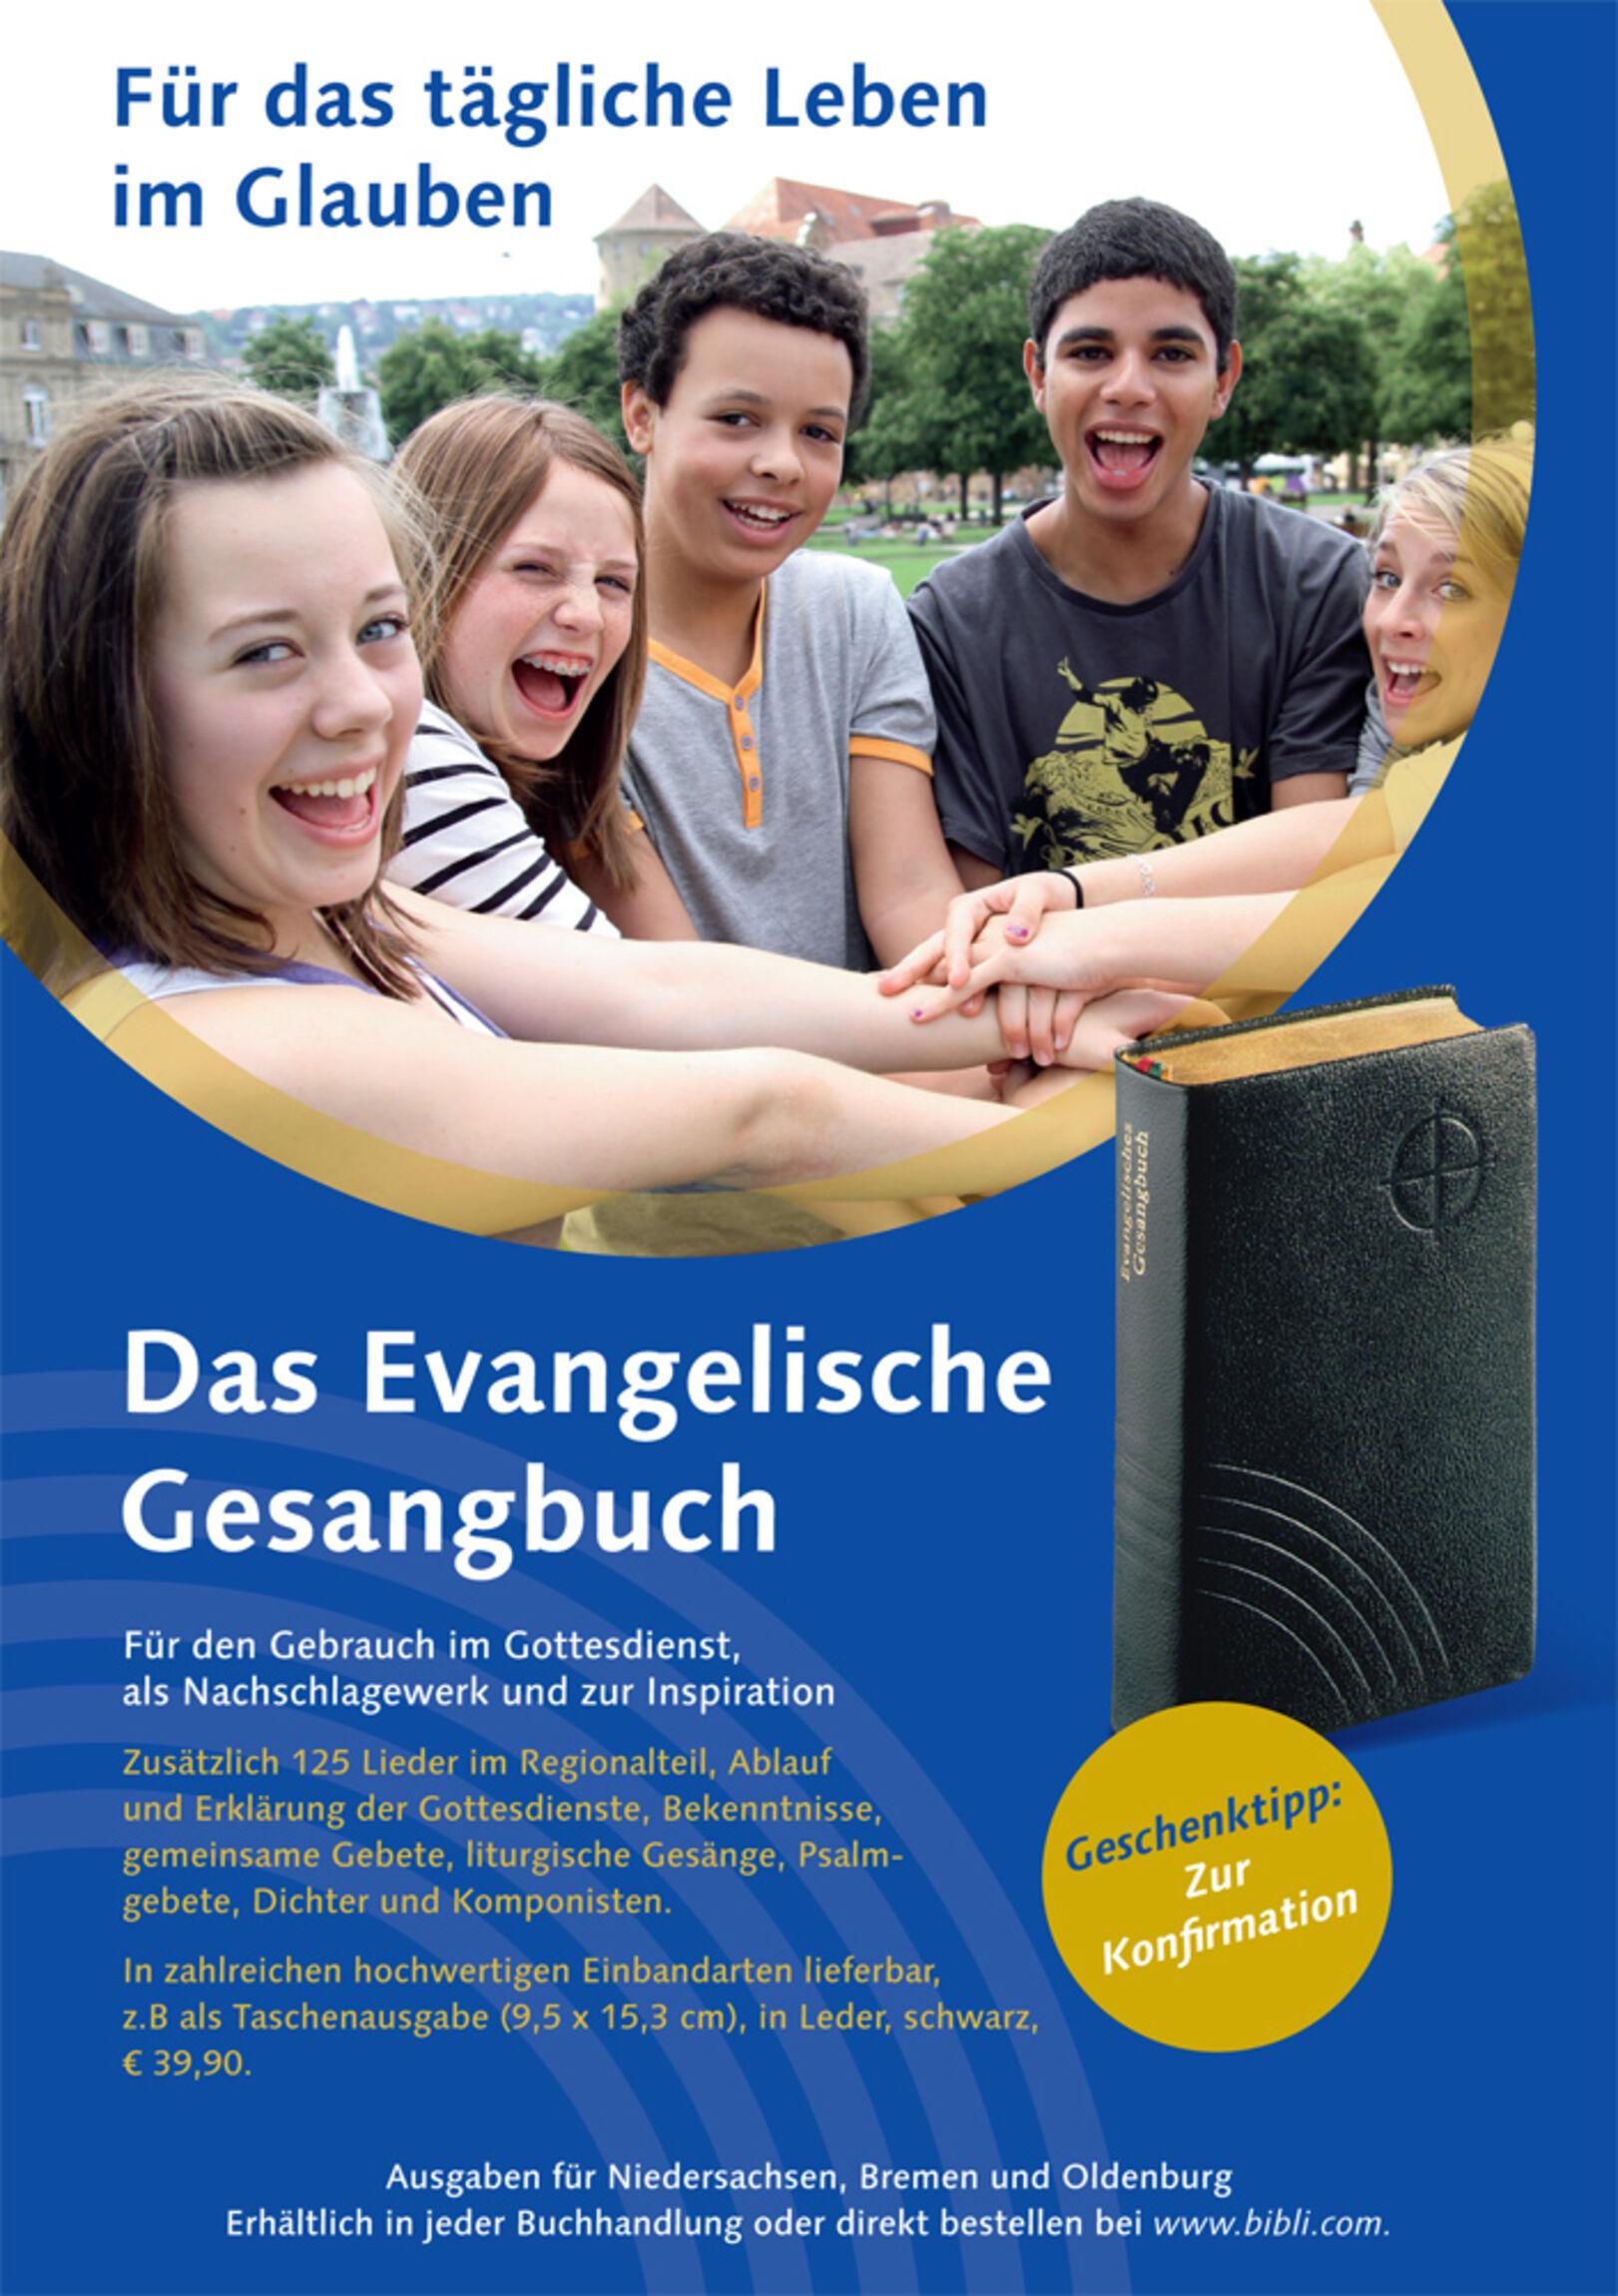 Anz_Gesangbuch_4c_RZ-A5-ohne Beschnitt